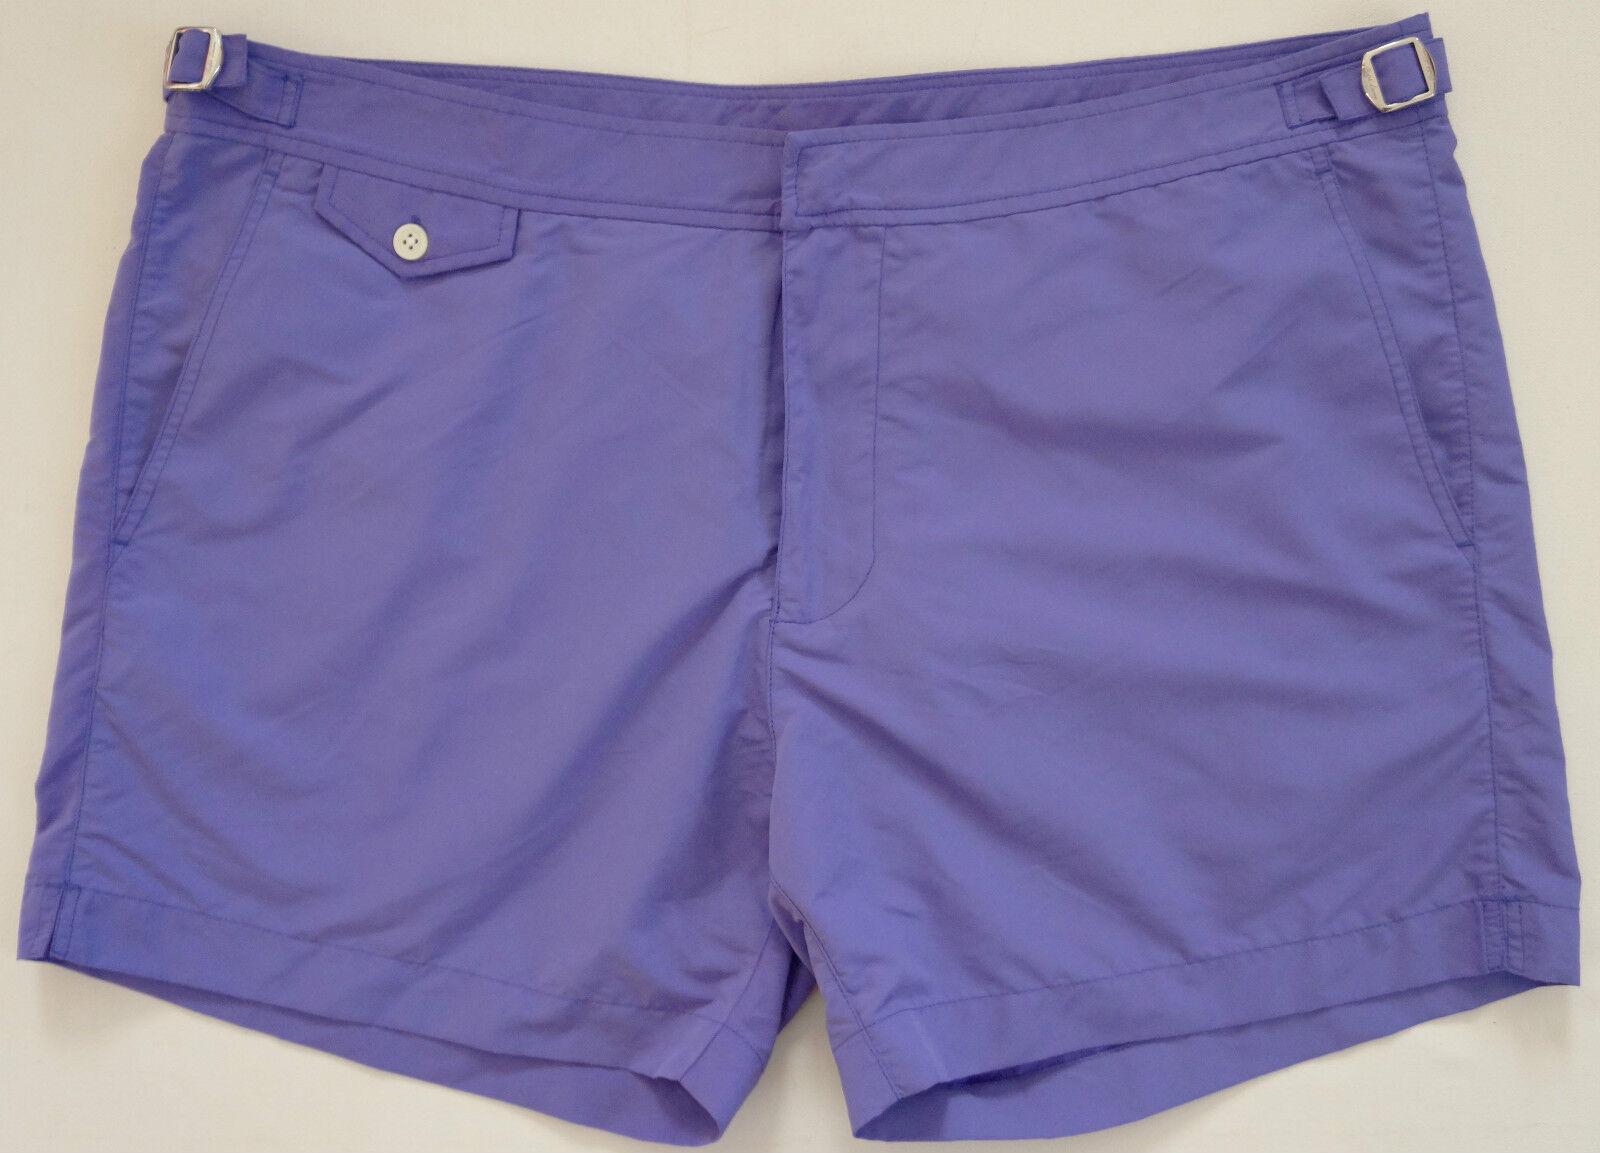 Authentic RALPH LAUREN PURPLE Label Swim Trunks Bathing Suit 38